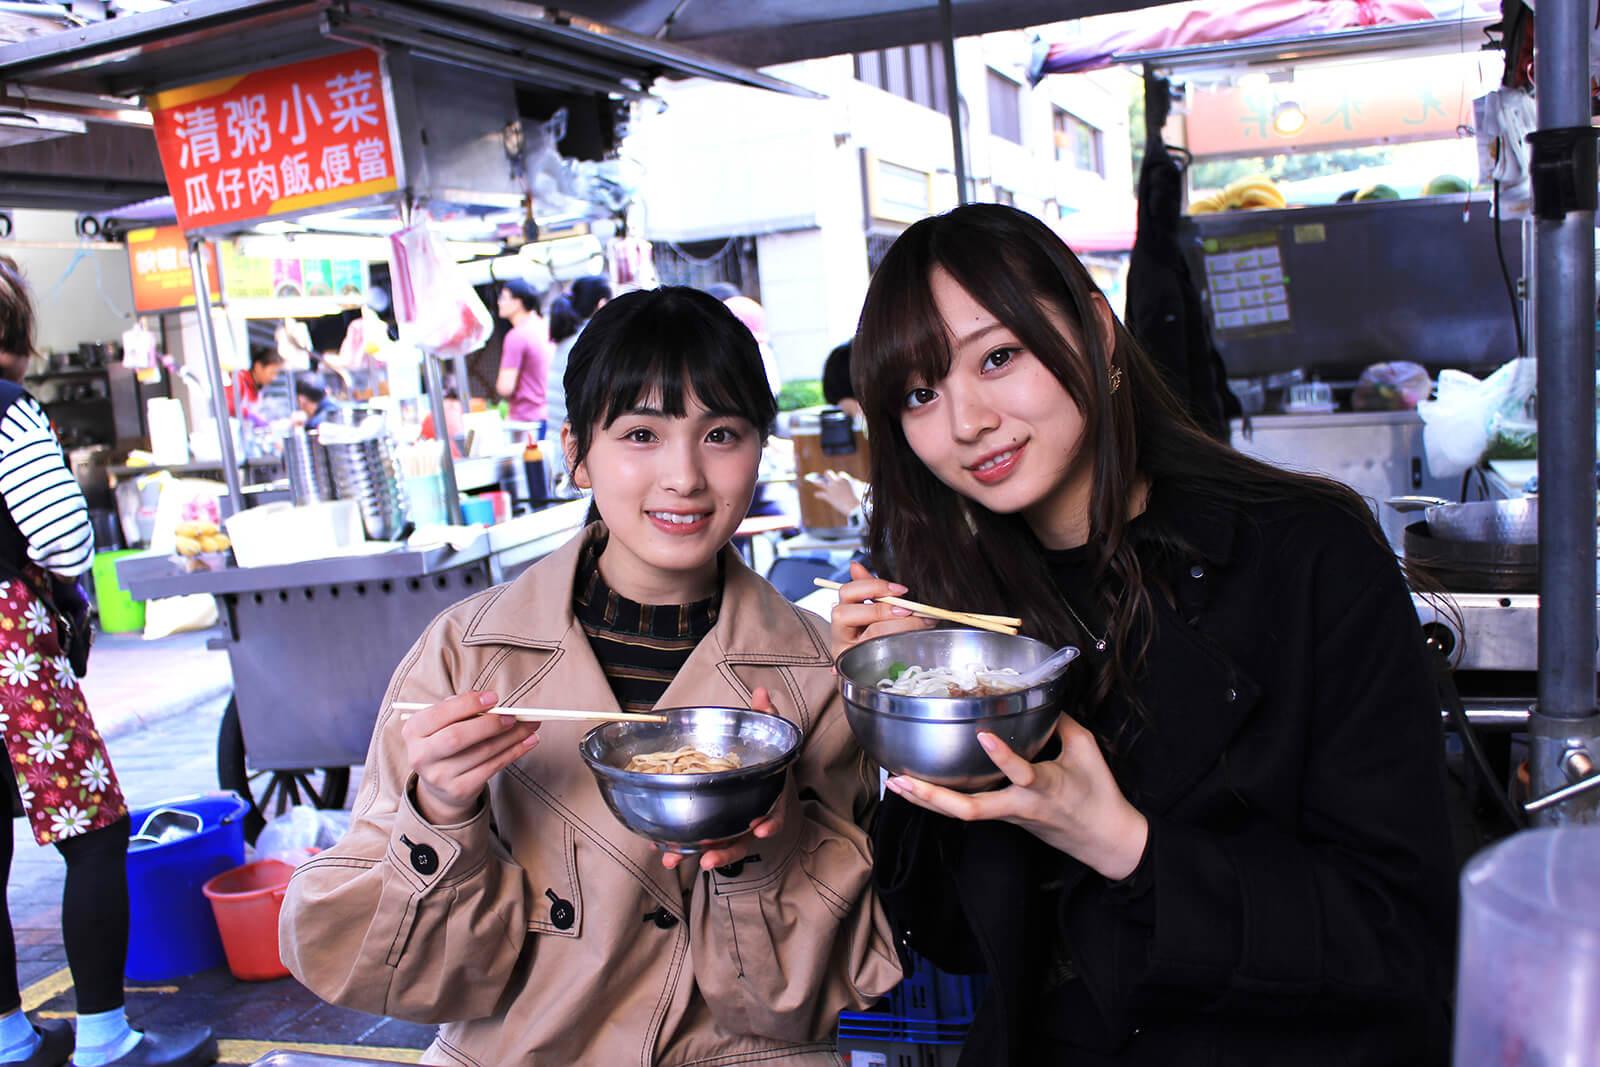 大園桃子と梅澤美波が台北に滞在した模様に密着(MUSIC ON! TV「乃木坂46 meets Asia! ~台北ver.~」)